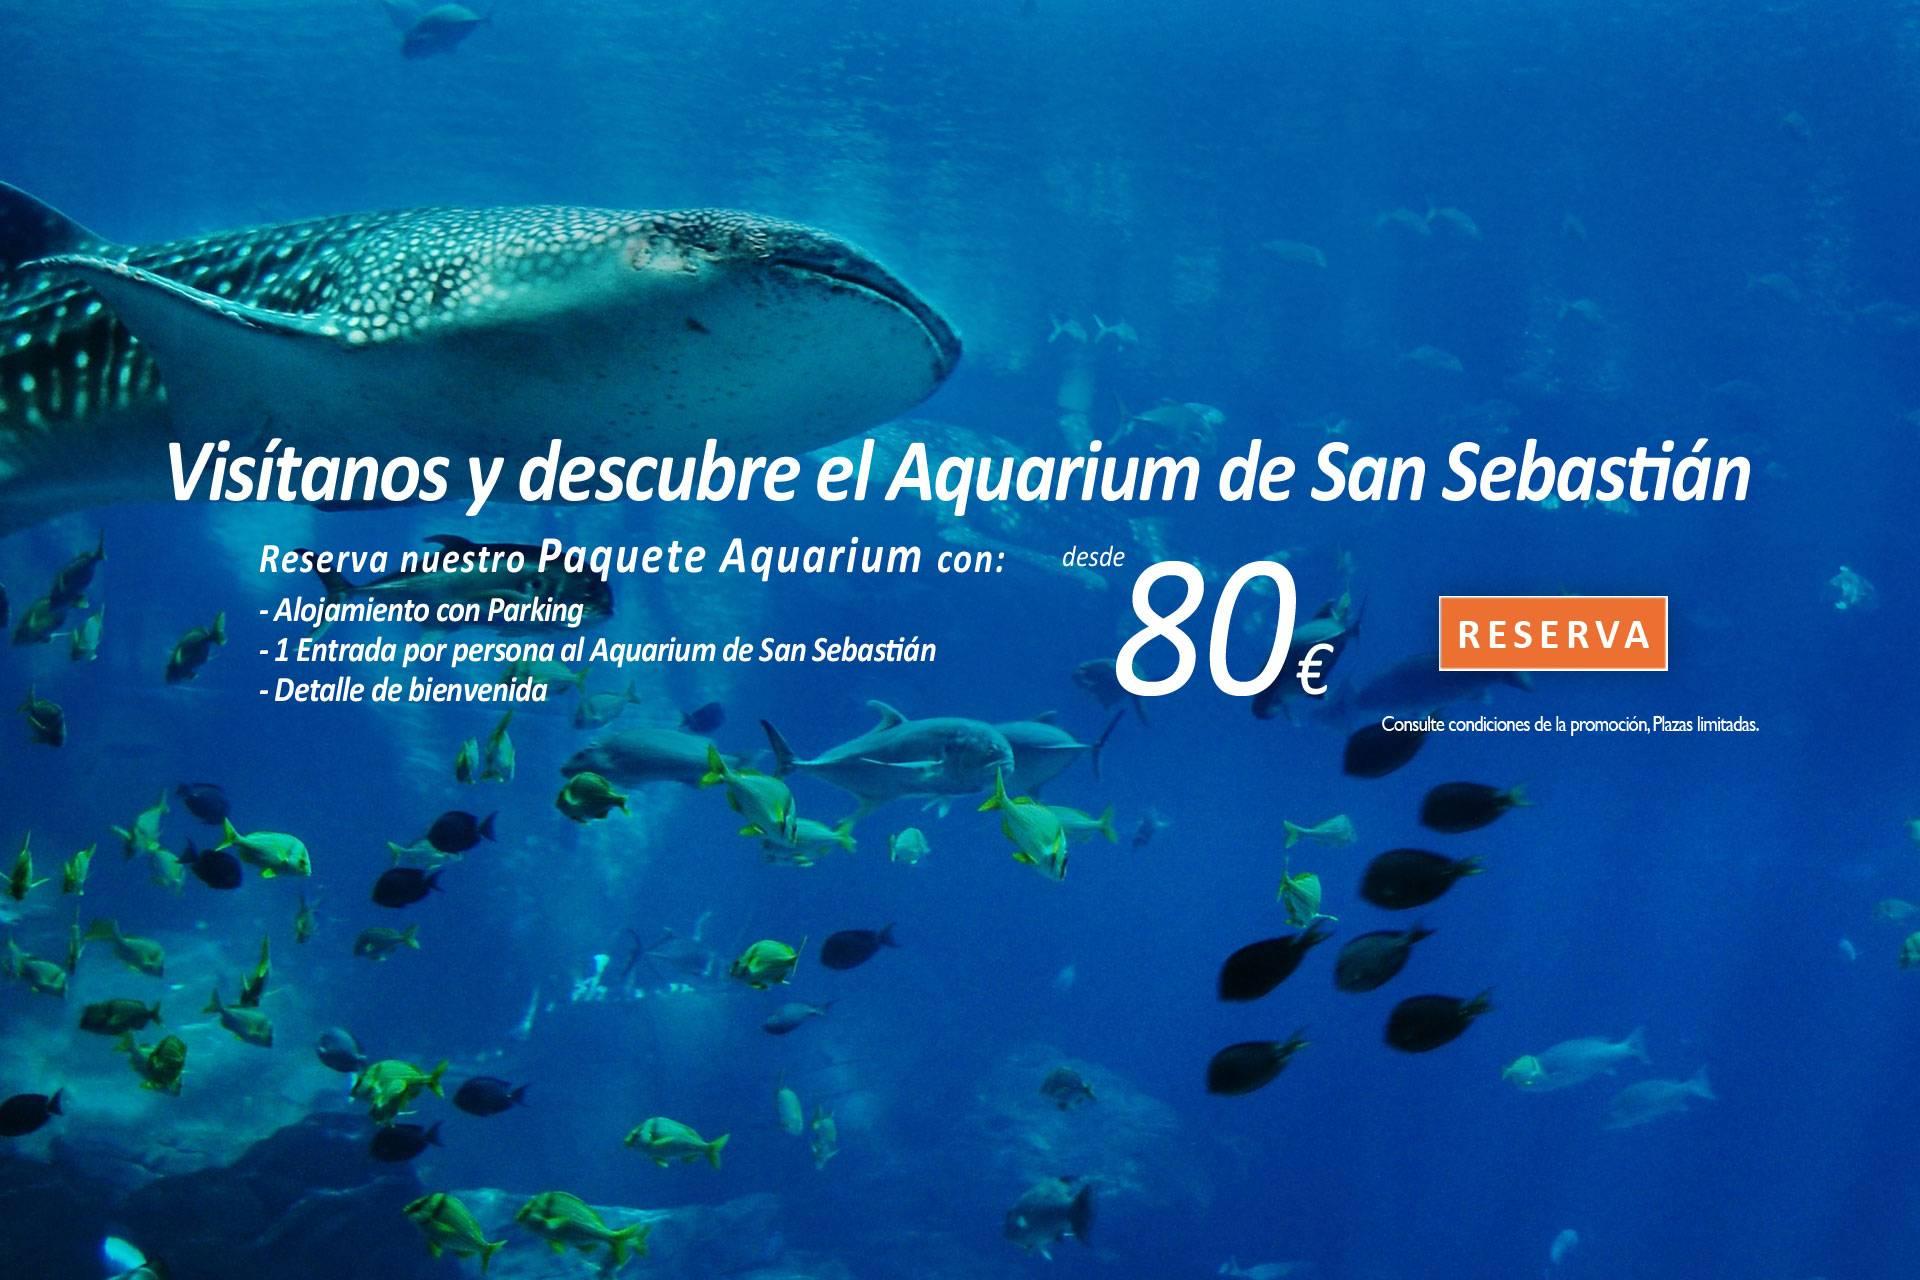 Hotel con parking y gimnasio en san sebastian zenit san - Aquarium donosti precio ...